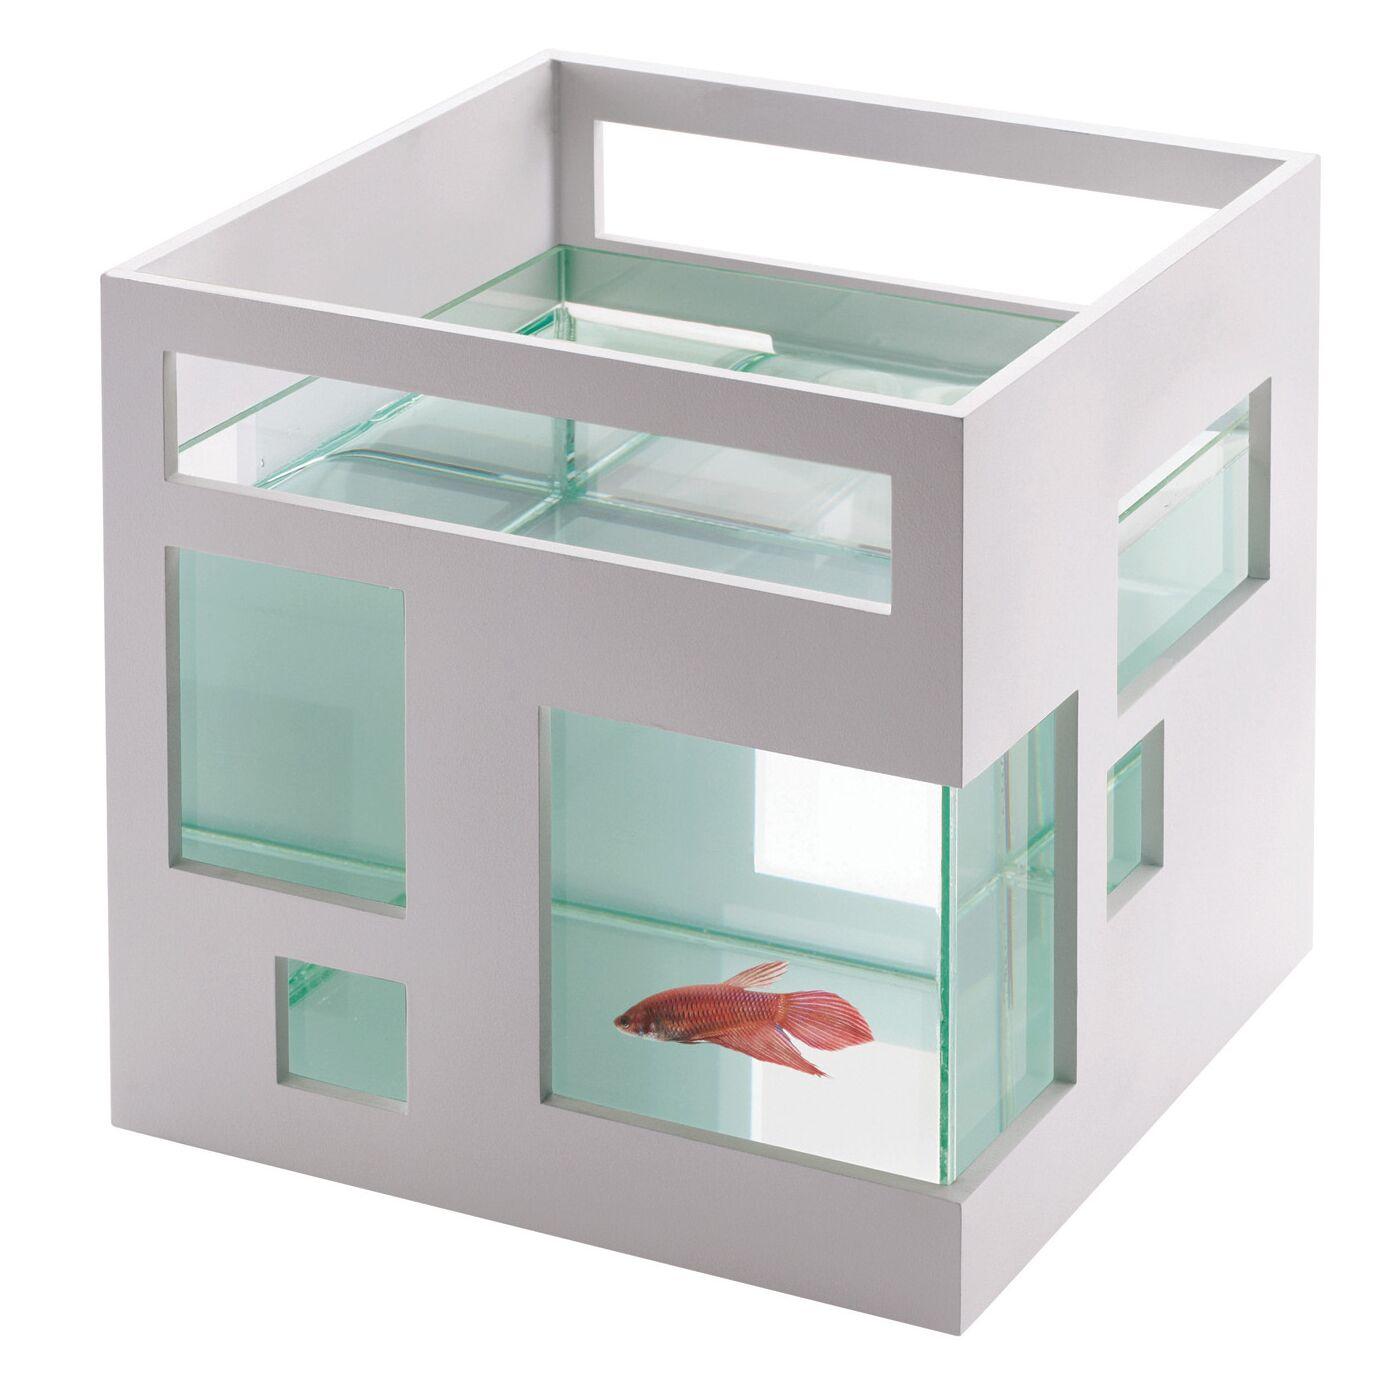 Fishhotel 1.8 Gallon Aquarium Bowl Color: White